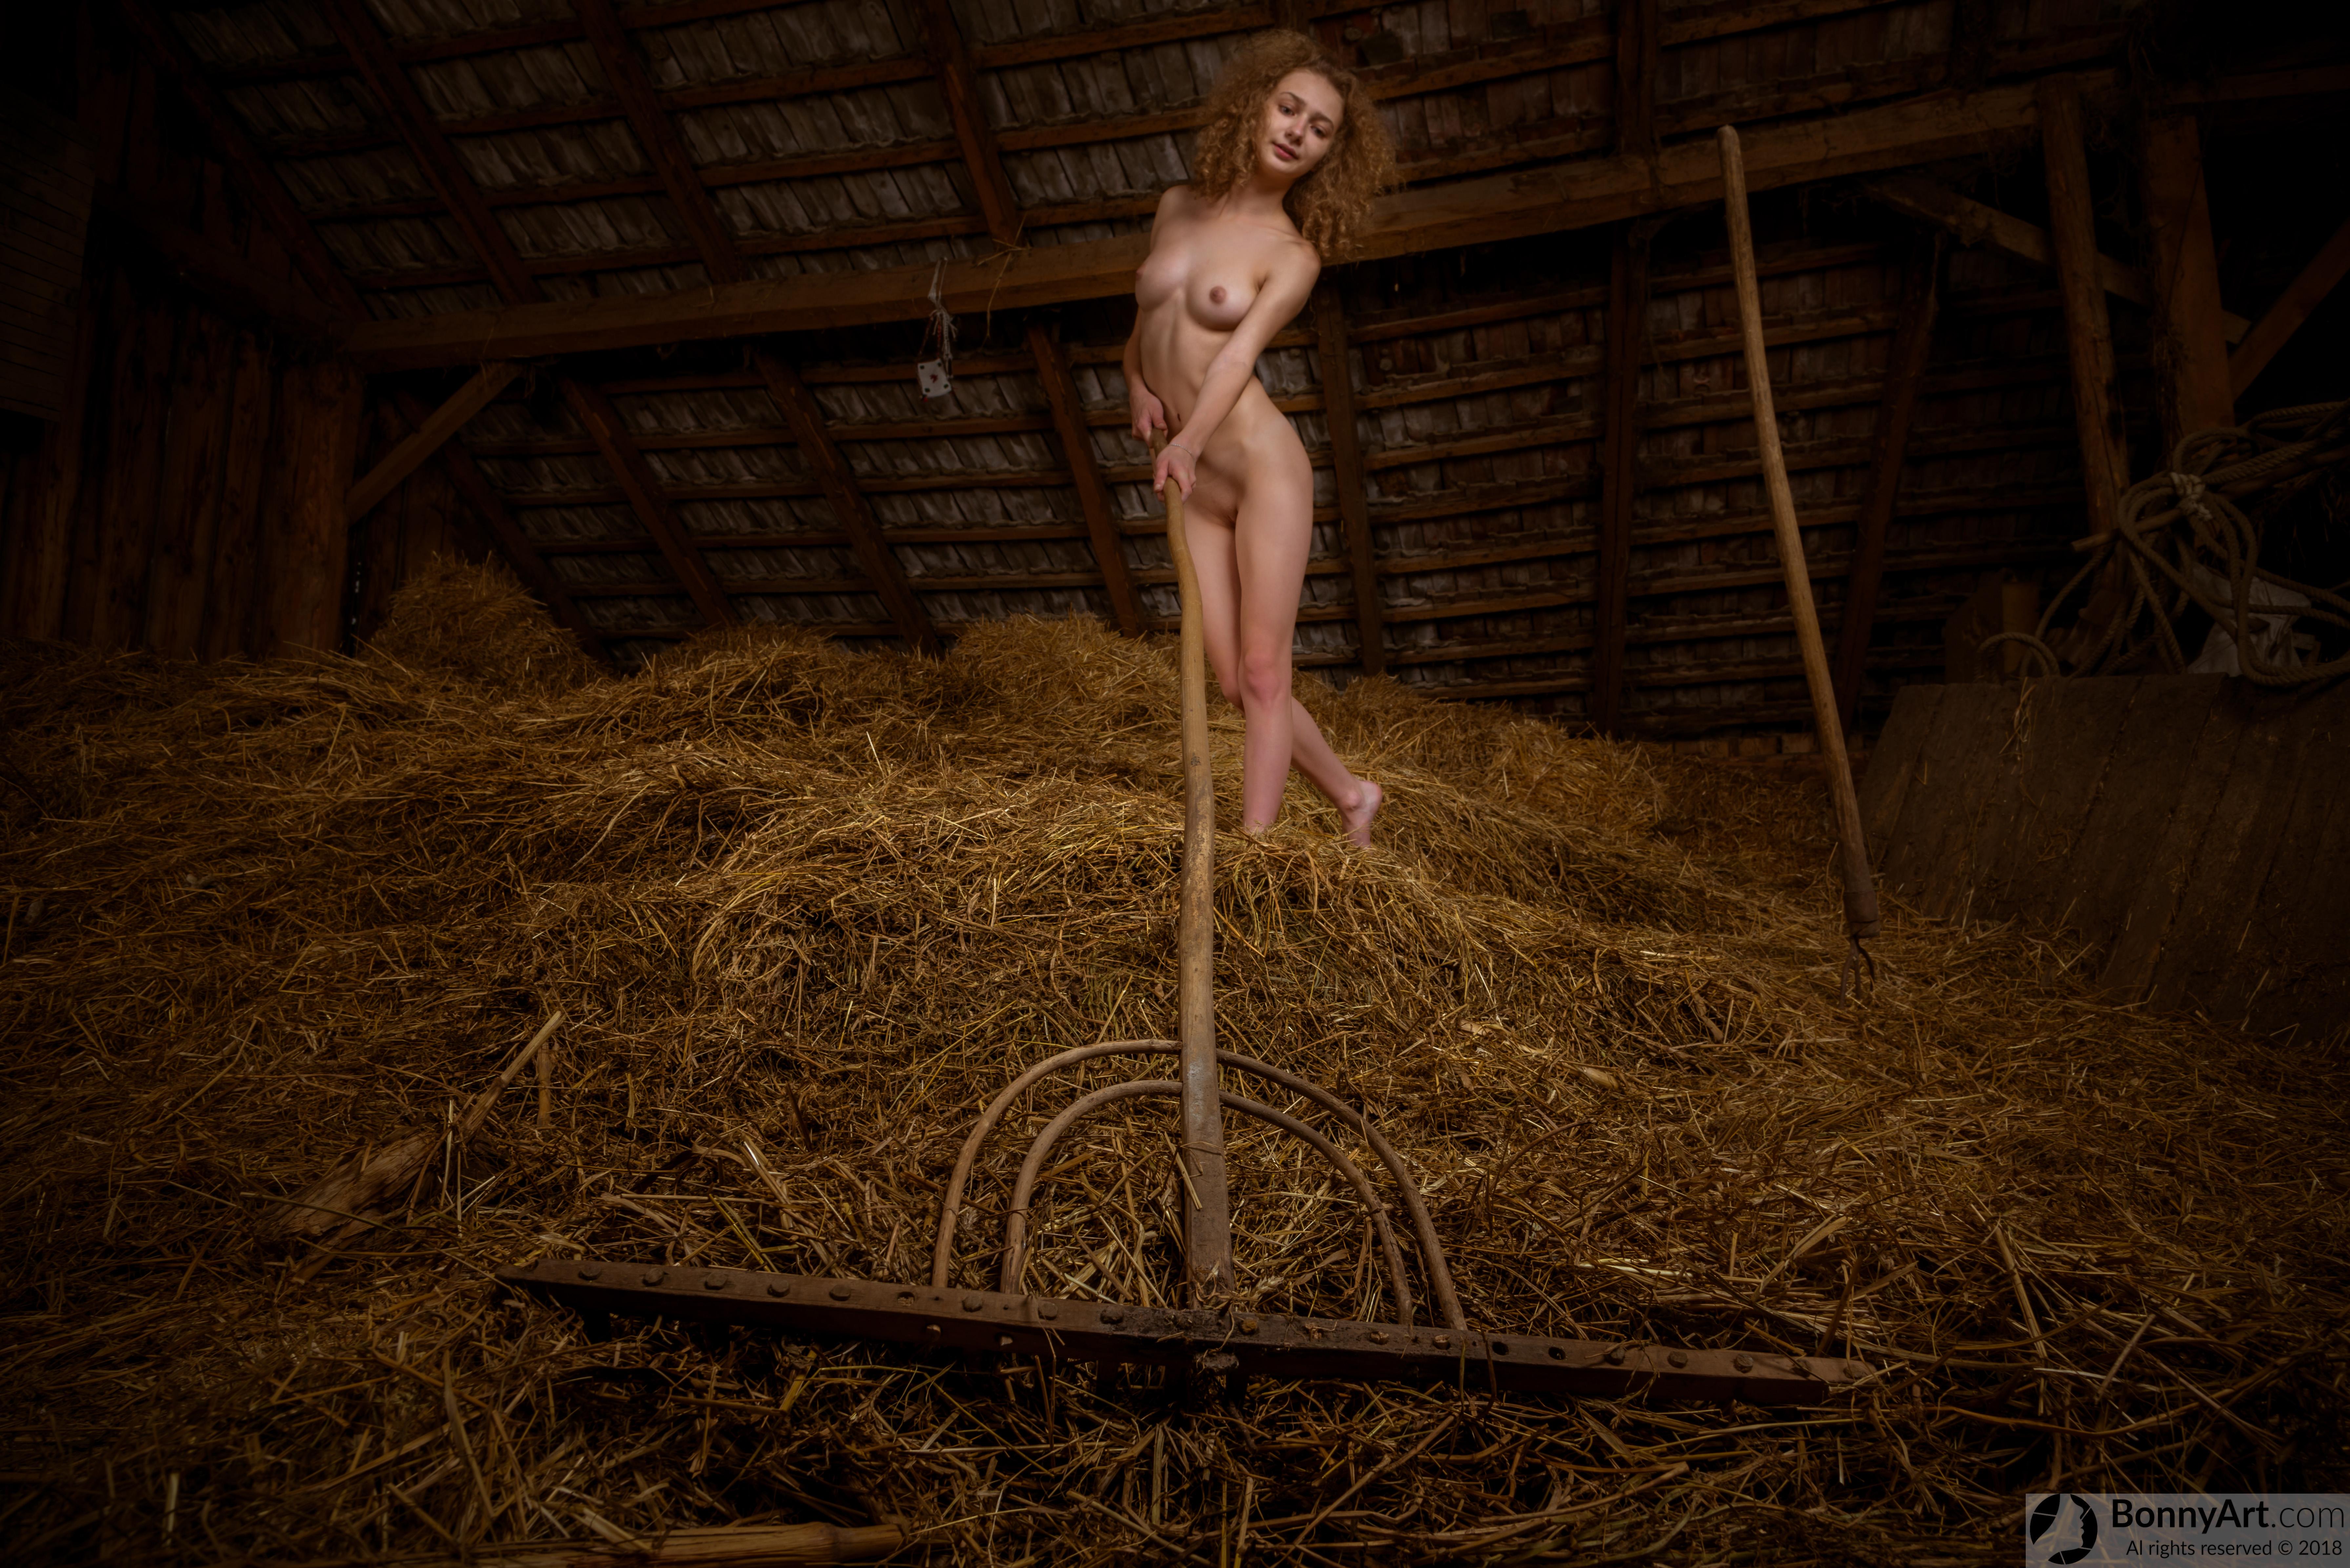 Nude Teen Girl Raking the Hay in the Barn Free Full HD ...